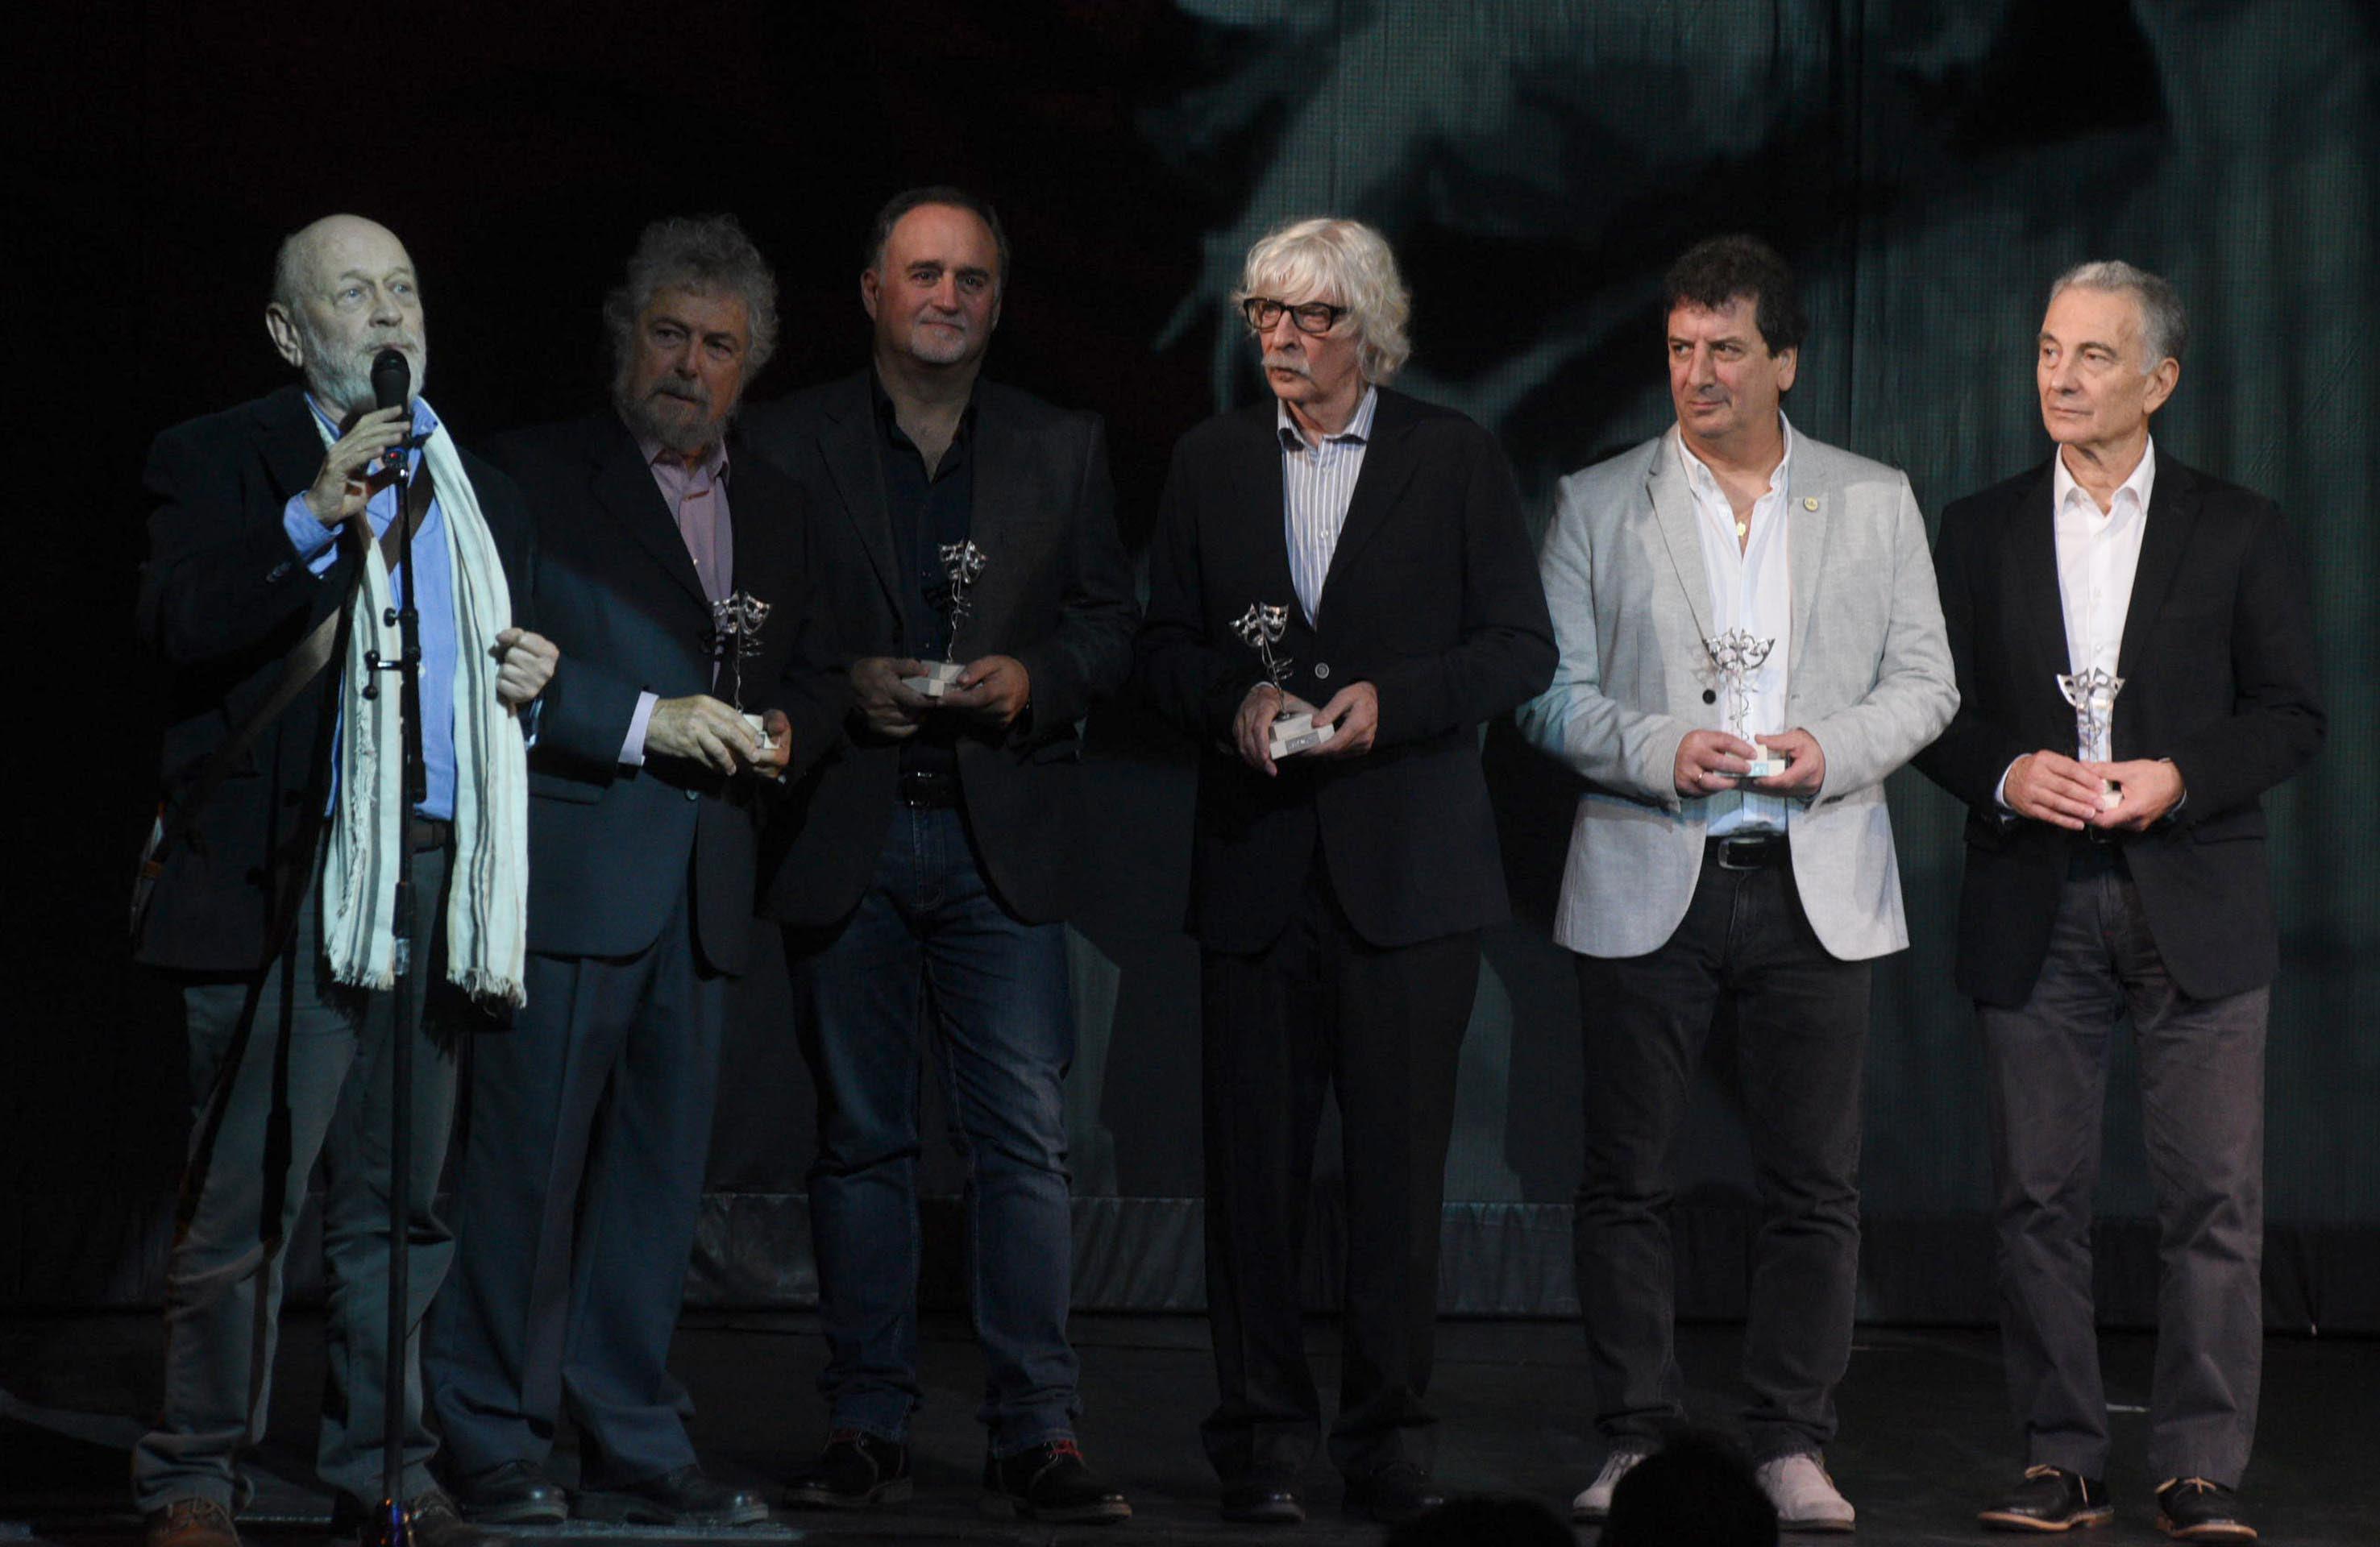 Les Luthiers recibió una distinción por su trayectoria en los premios María Guerrero